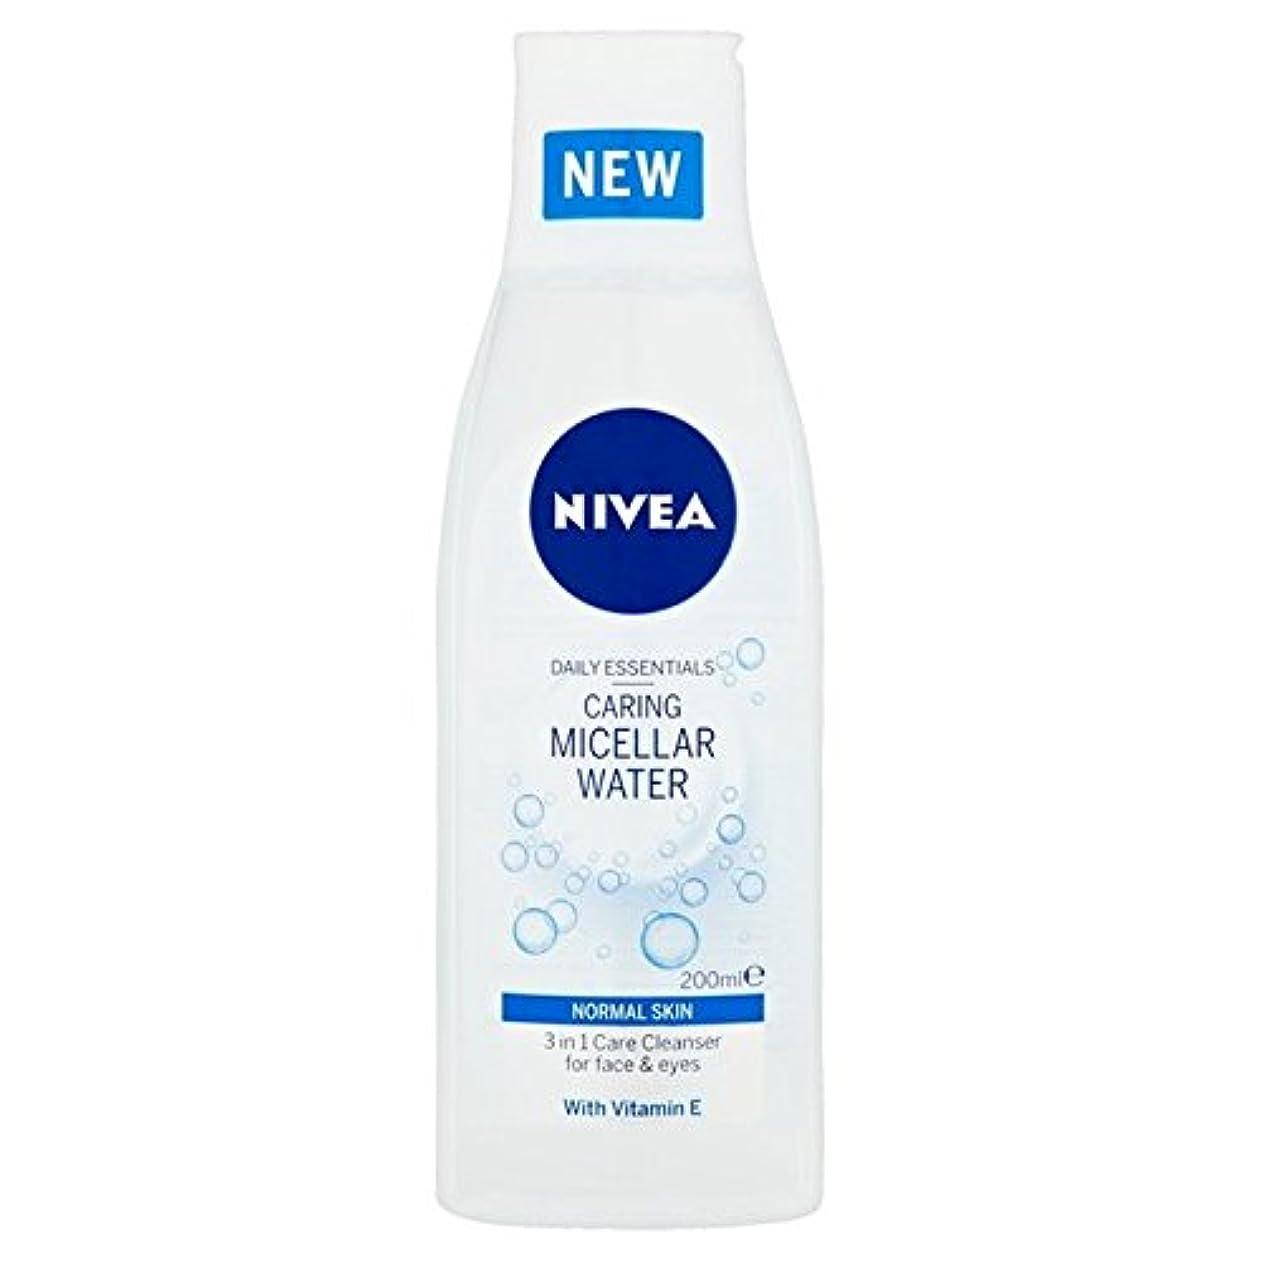 たっぷり時間厳守引数Nivea 3 in 1 Sensitive Caring Micellar Water Normal Skin 200ml - 1つの敏感な思いやりのあるミセル水の正常な皮膚の200ミリリットルでニベア3 [並行輸入品]